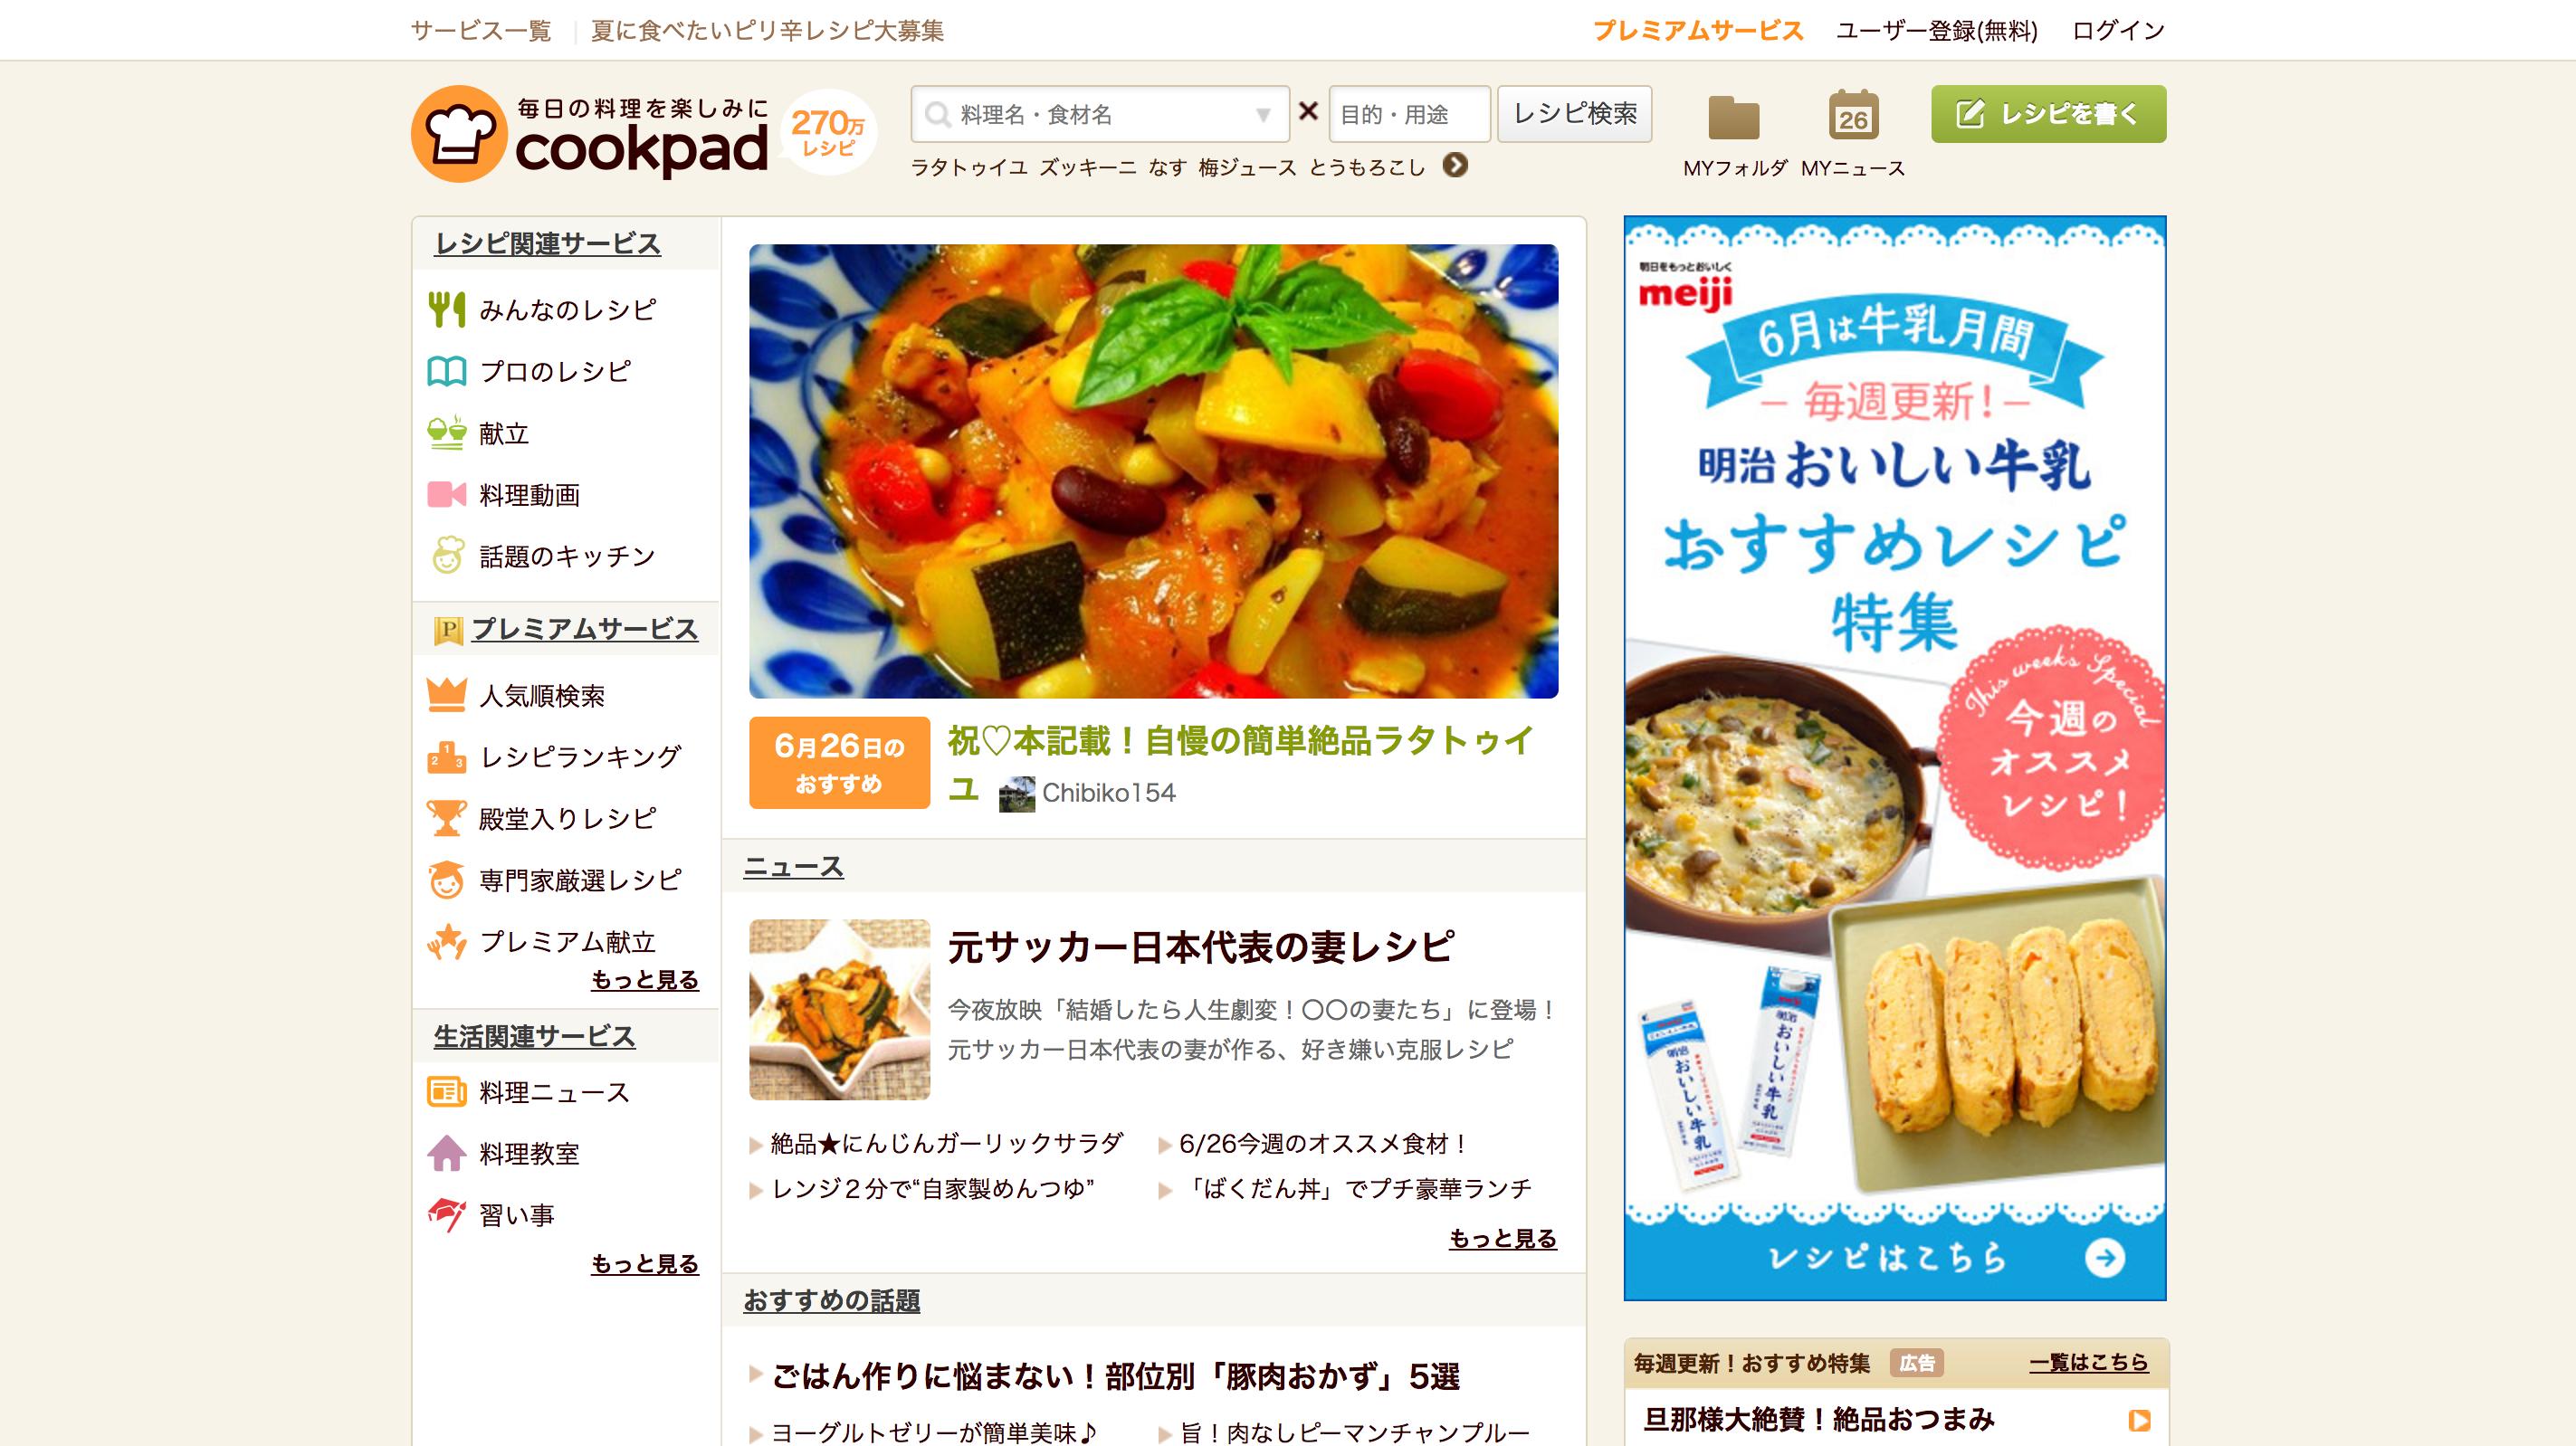 cookpad - 配色パターン6選+α!おしゃれにするコツは?